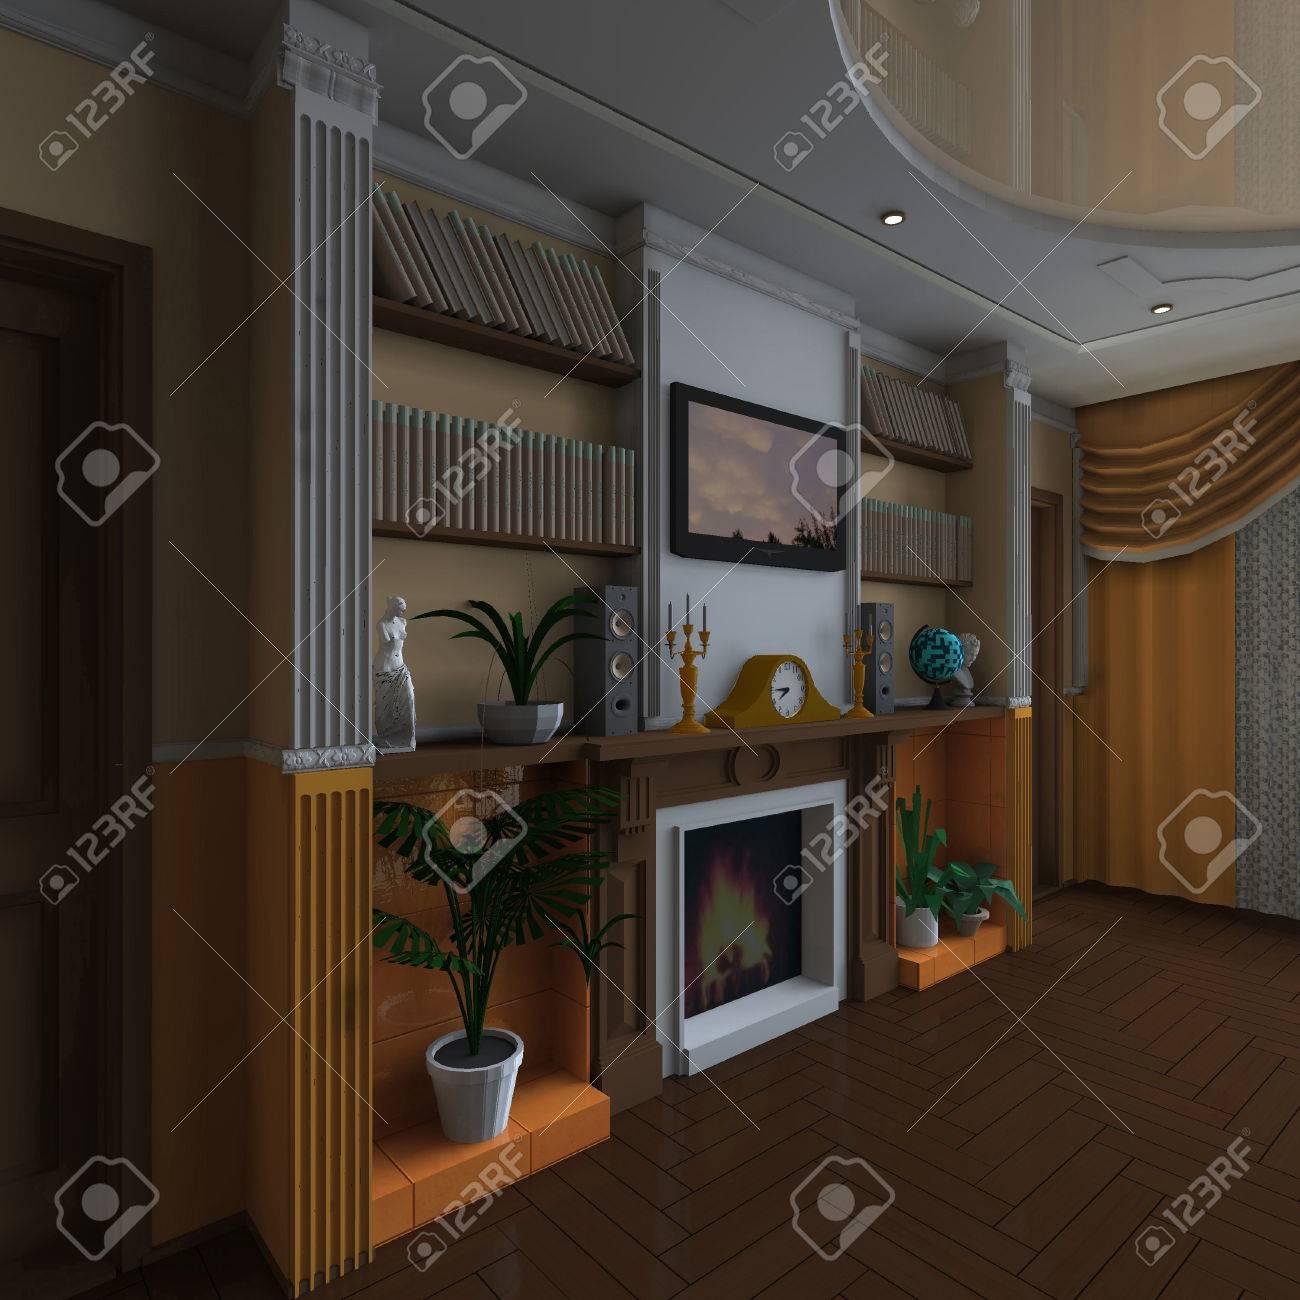 Diseño Interior Clásico Salón Con Chimenea. Fotos, Retratos ...